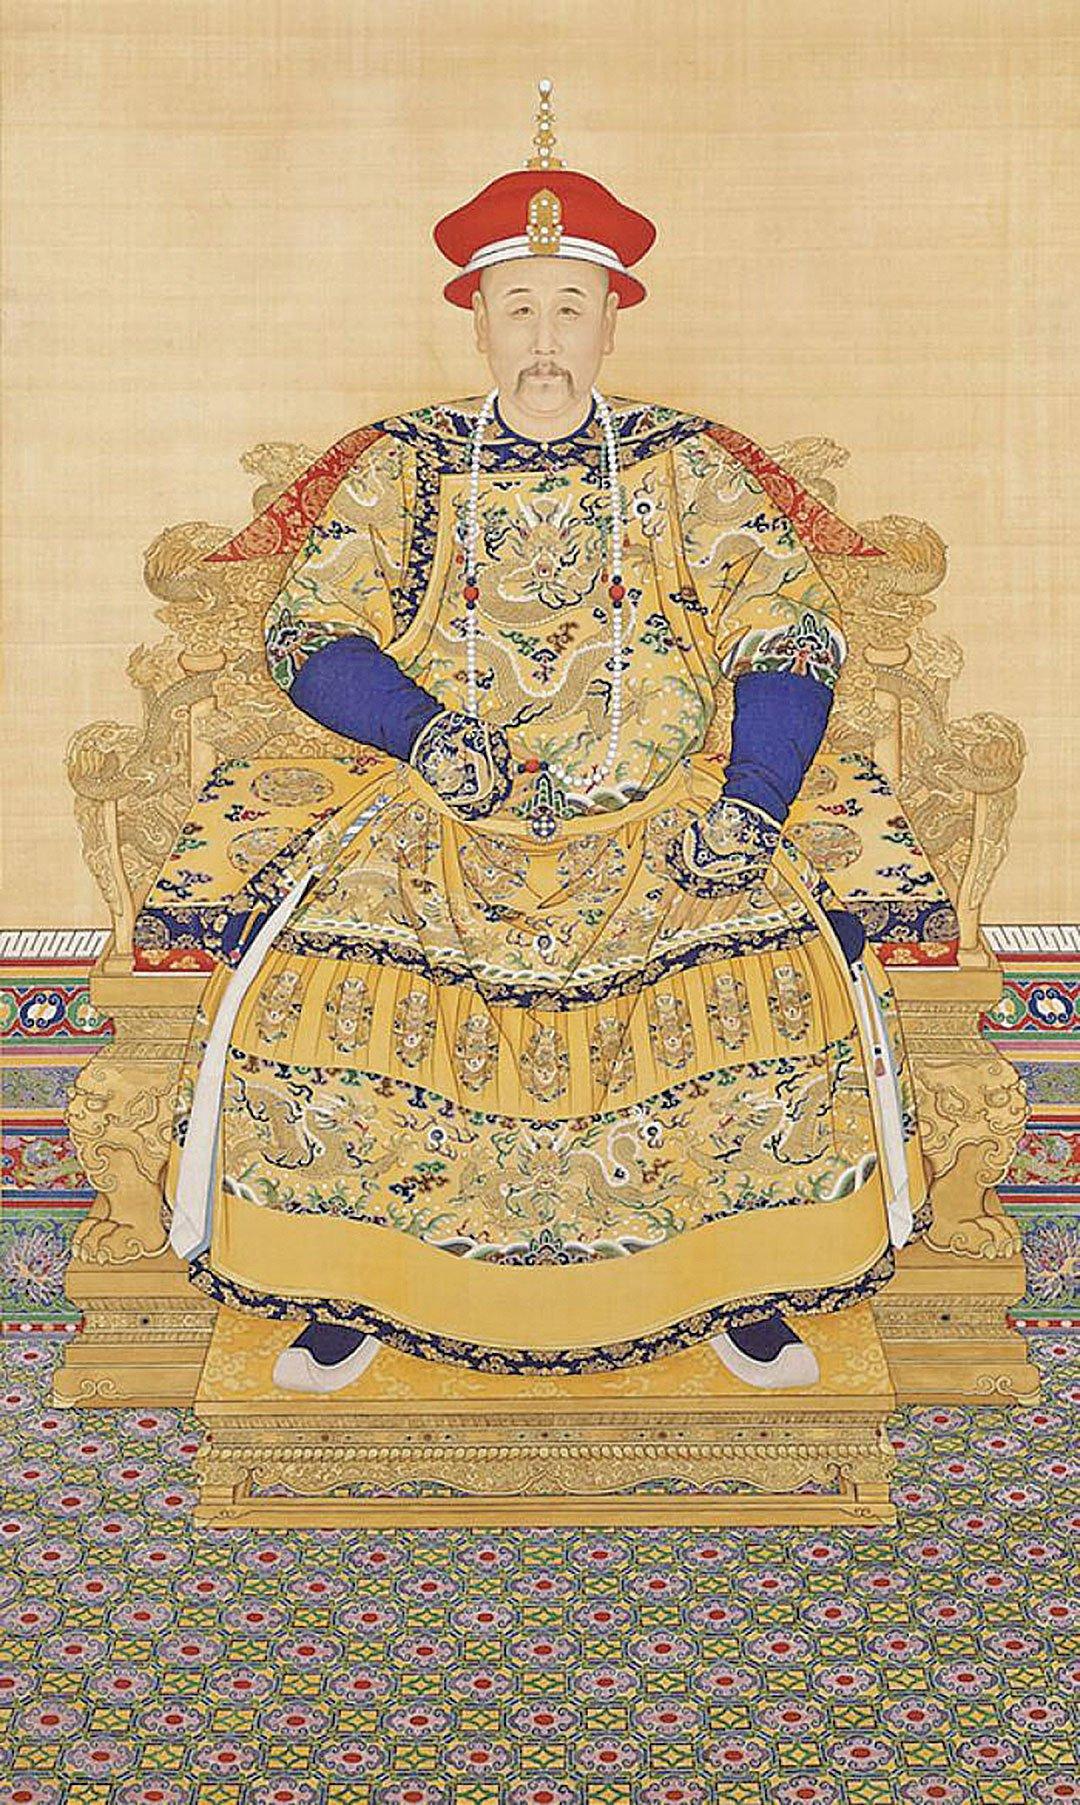 清世宗憲皇帝朝服全身像(維基百科)